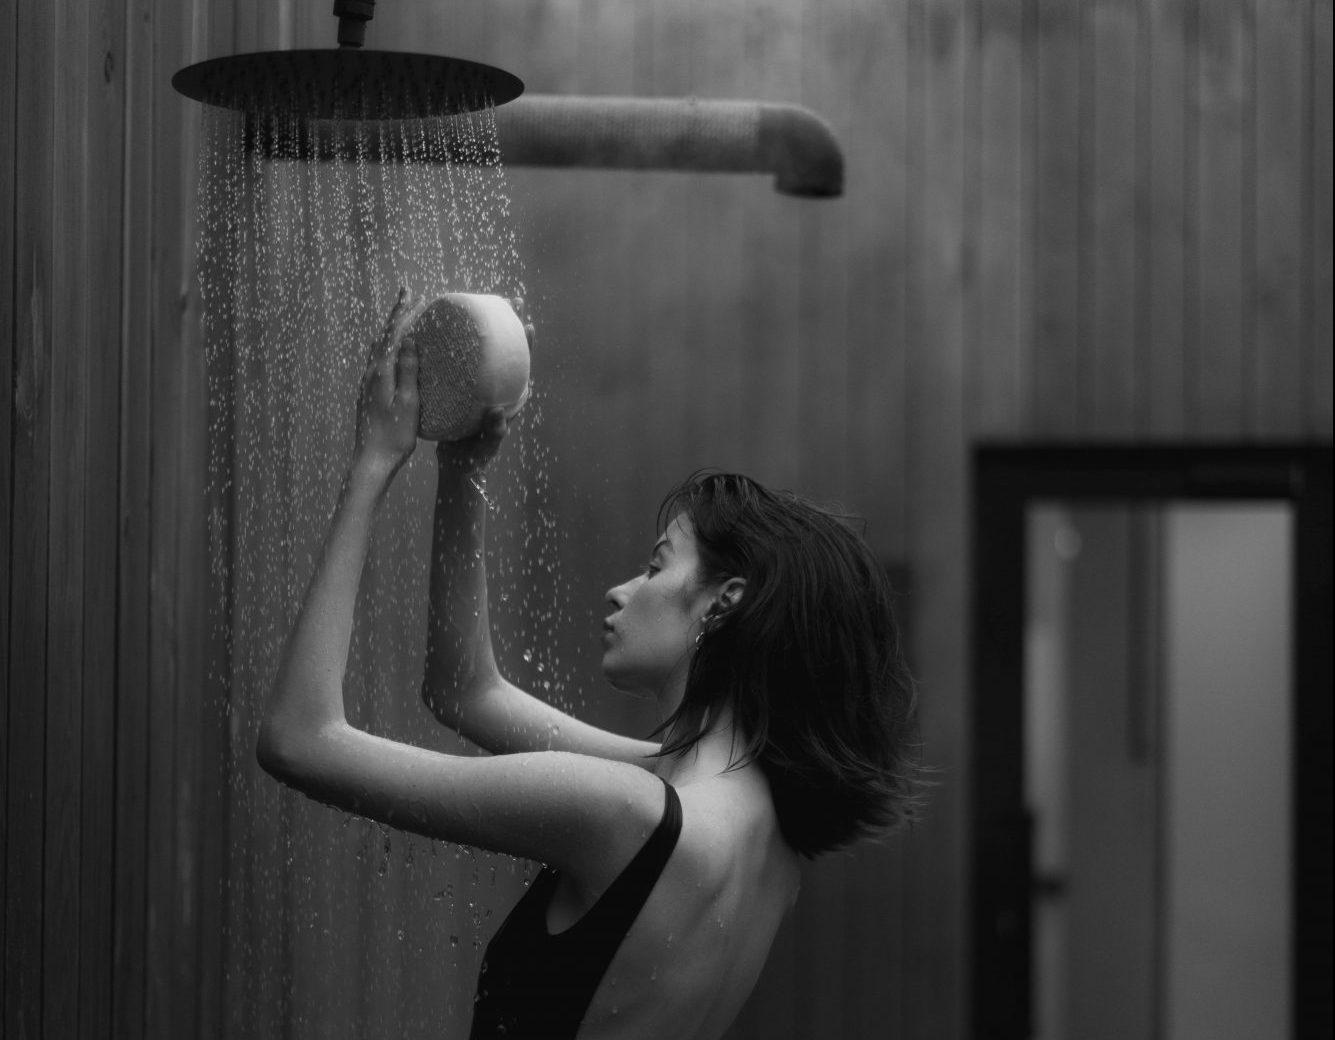 7 σημαντικοί λόγοι που θα σε πείσουν να ελαττώσεις τα καυτά ντους Αυτή η άκρως χαλαρωτική συνήθεια του ντους, δεν είναι ό,τι καλύτερο για τα μαλλιά και το σώμα μας. Σύμφωνα με έρευνες, ένα ζεστό ντους μπορεί να μας χαλαρώσει και να μας κάνει να αποβάλλουμε το στρες της ημέρας.